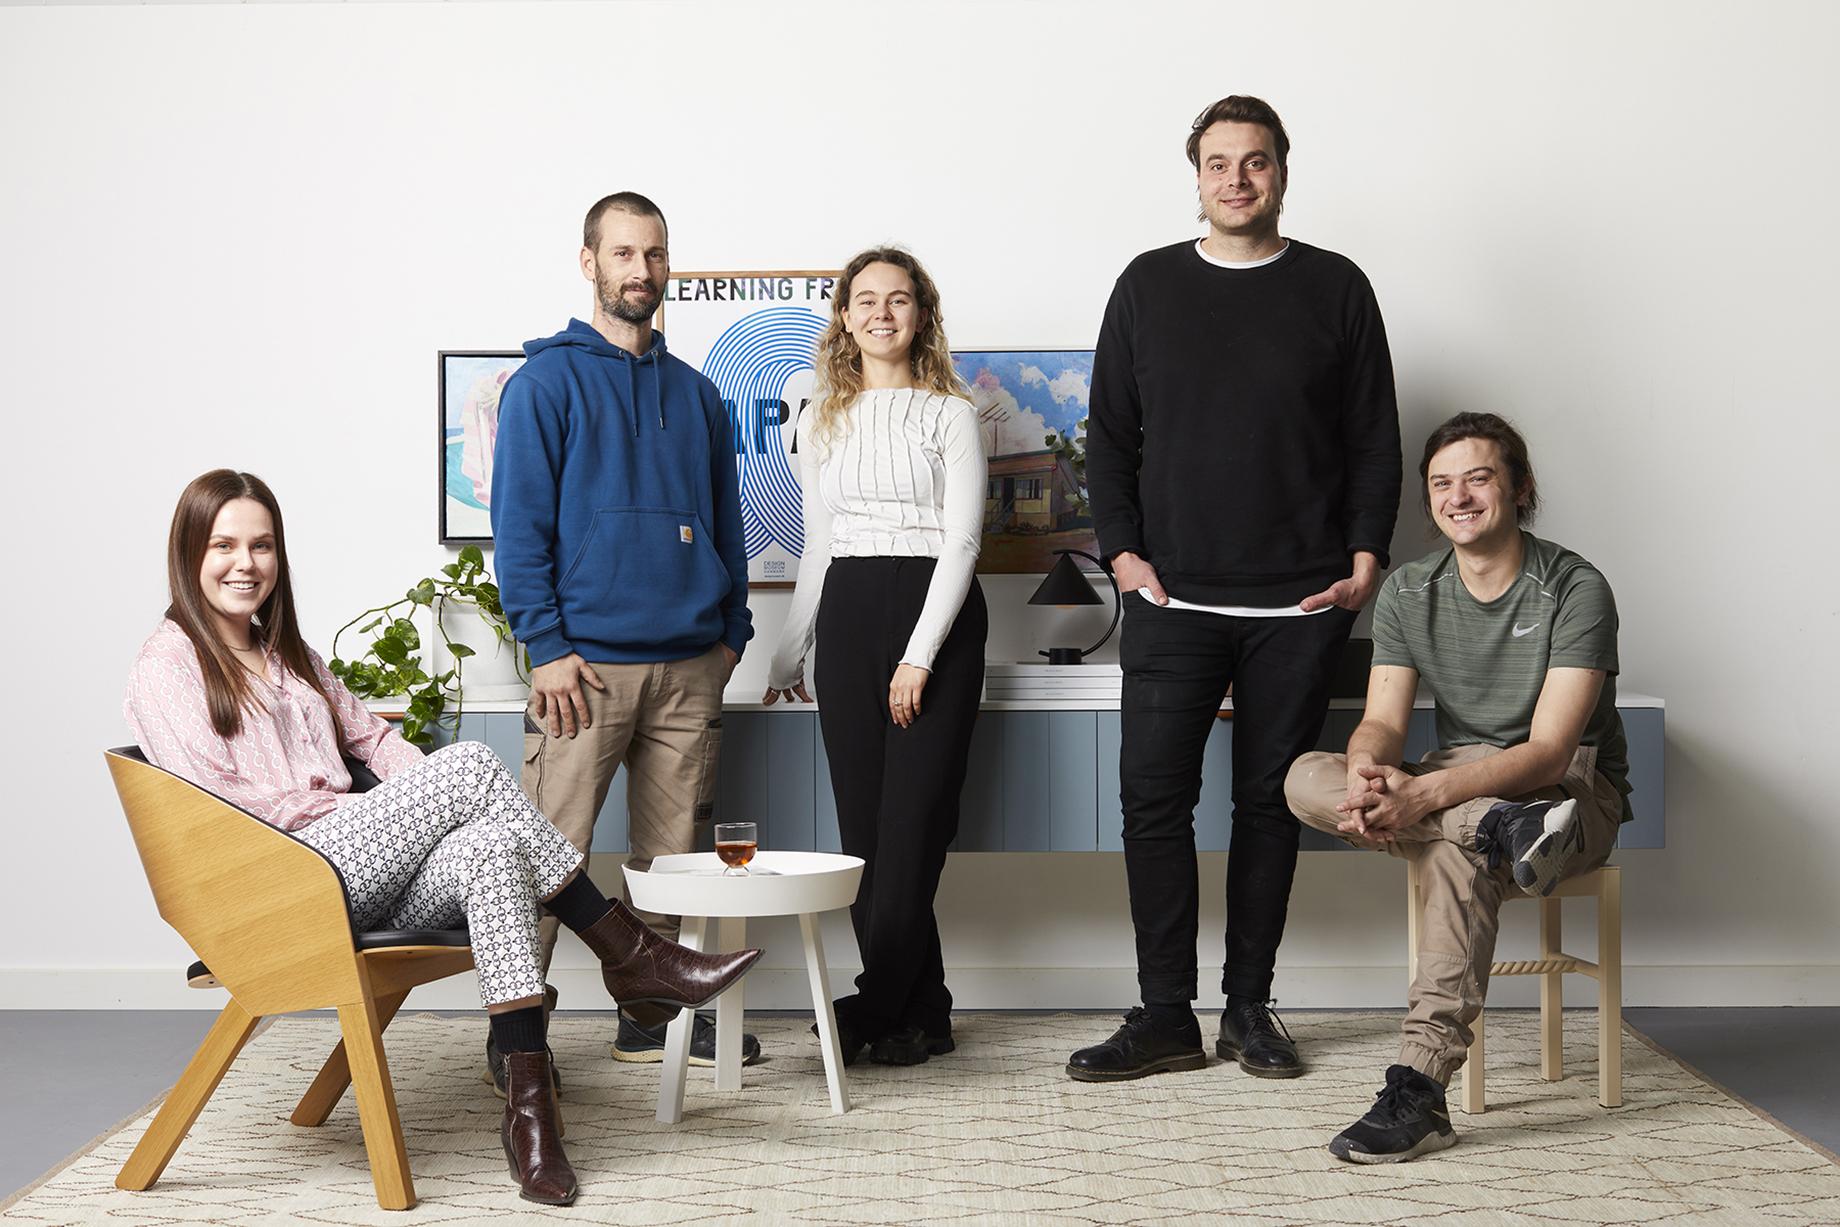 The Ensemble furniture design team shot by Peter Tarasiuk